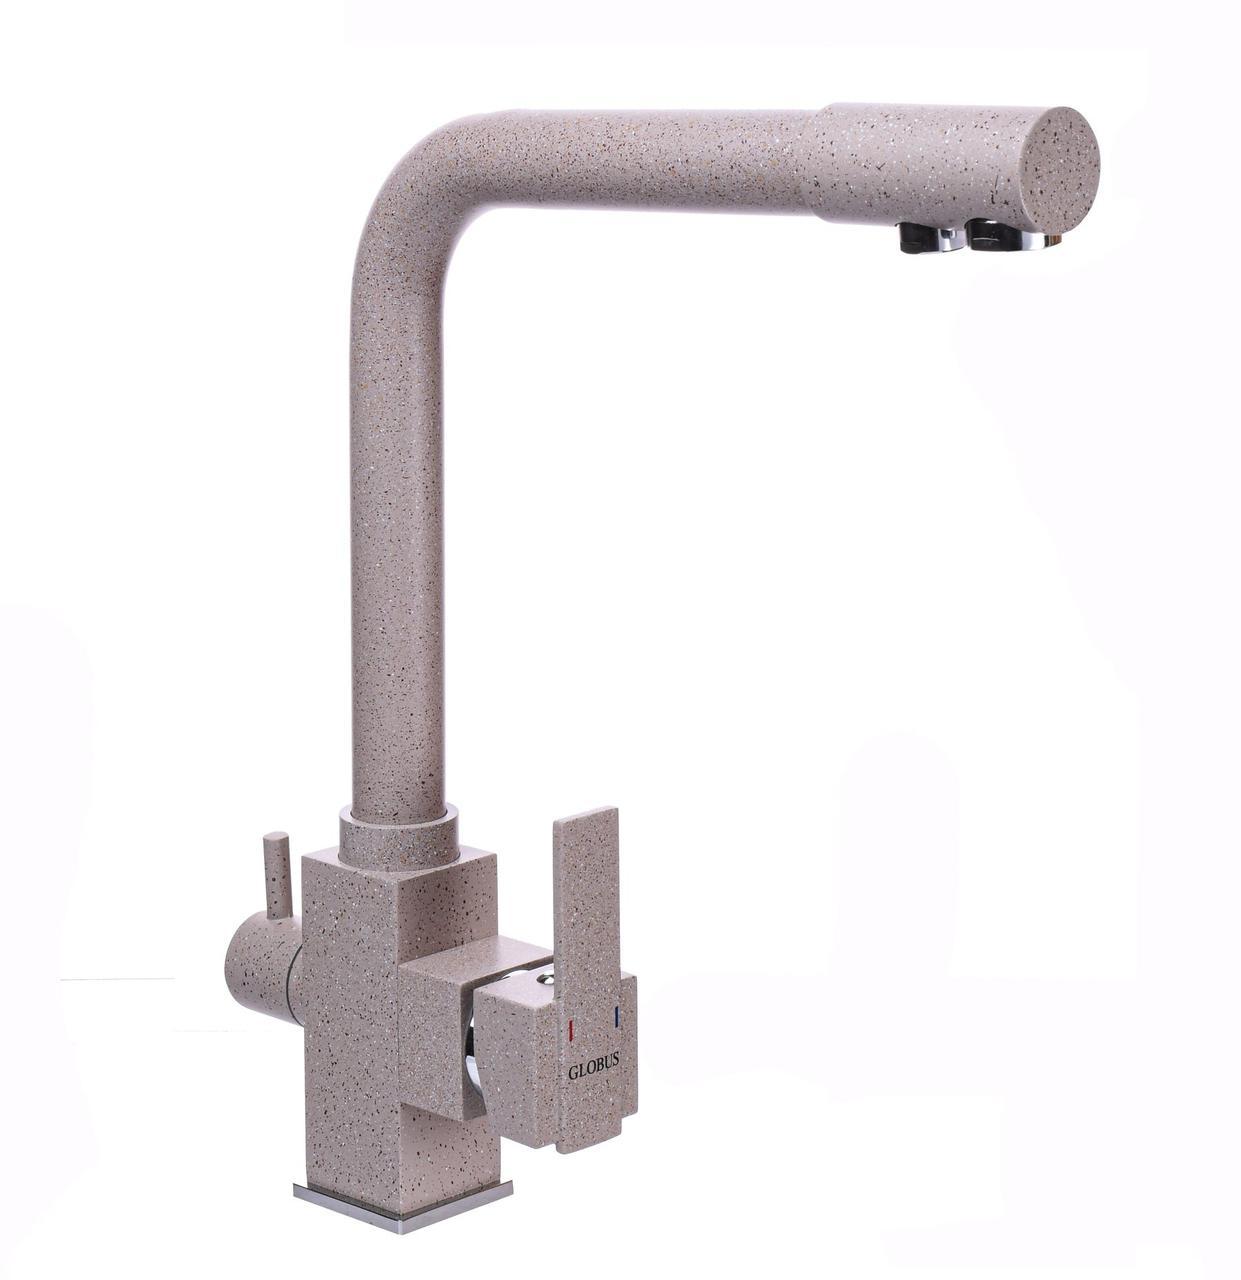 Смеситель для кухни под осмос Globus Lux GLLR-0100-5-TERRA